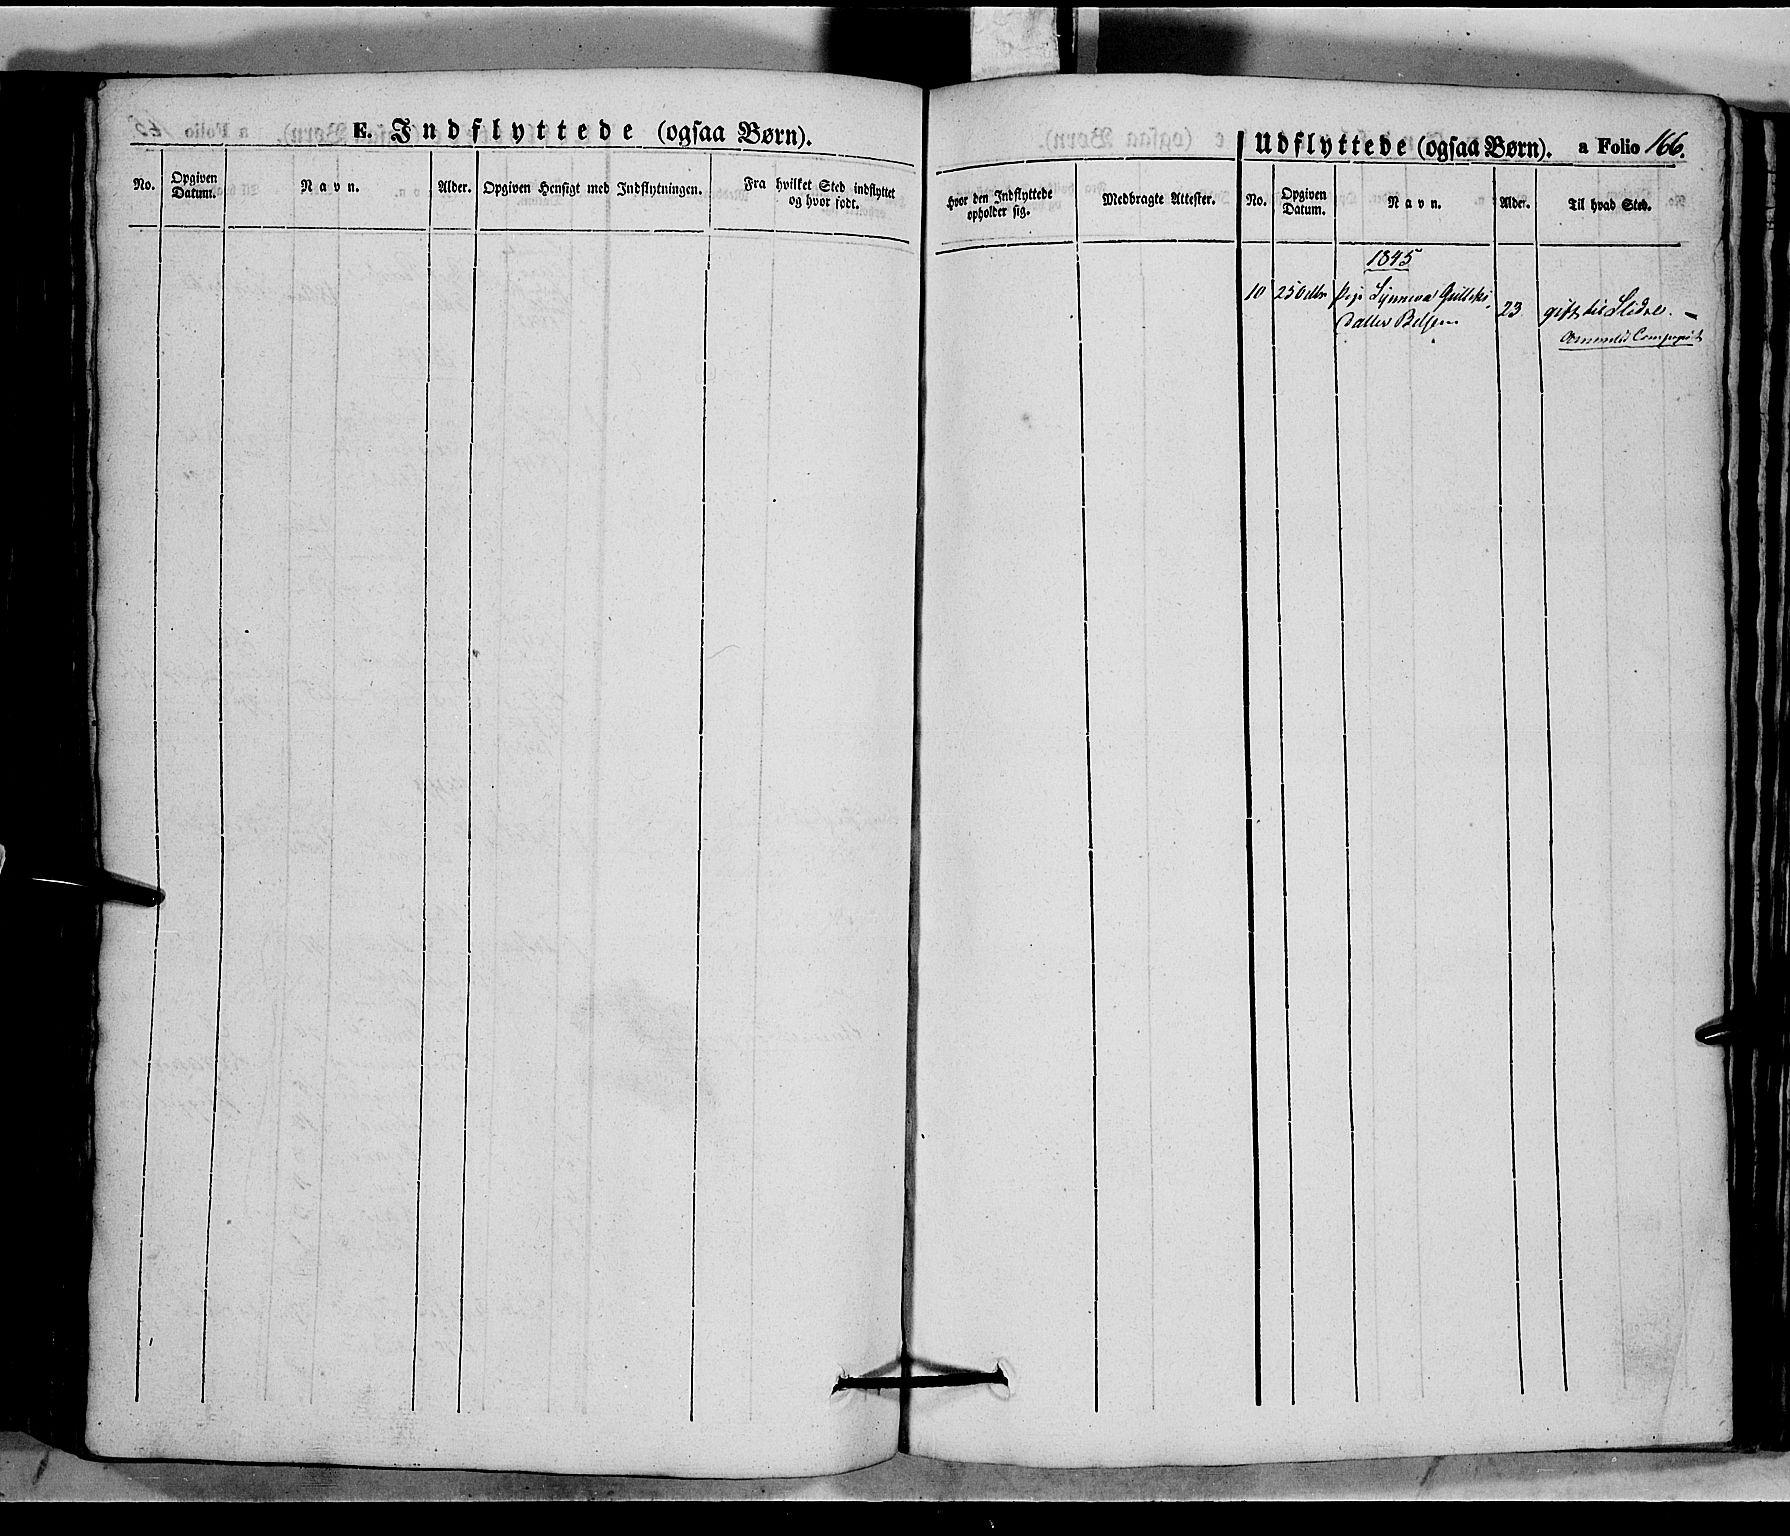 SAH, Vang prestekontor, Valdres, Ministerialbok nr. 5, 1831-1845, s. 166